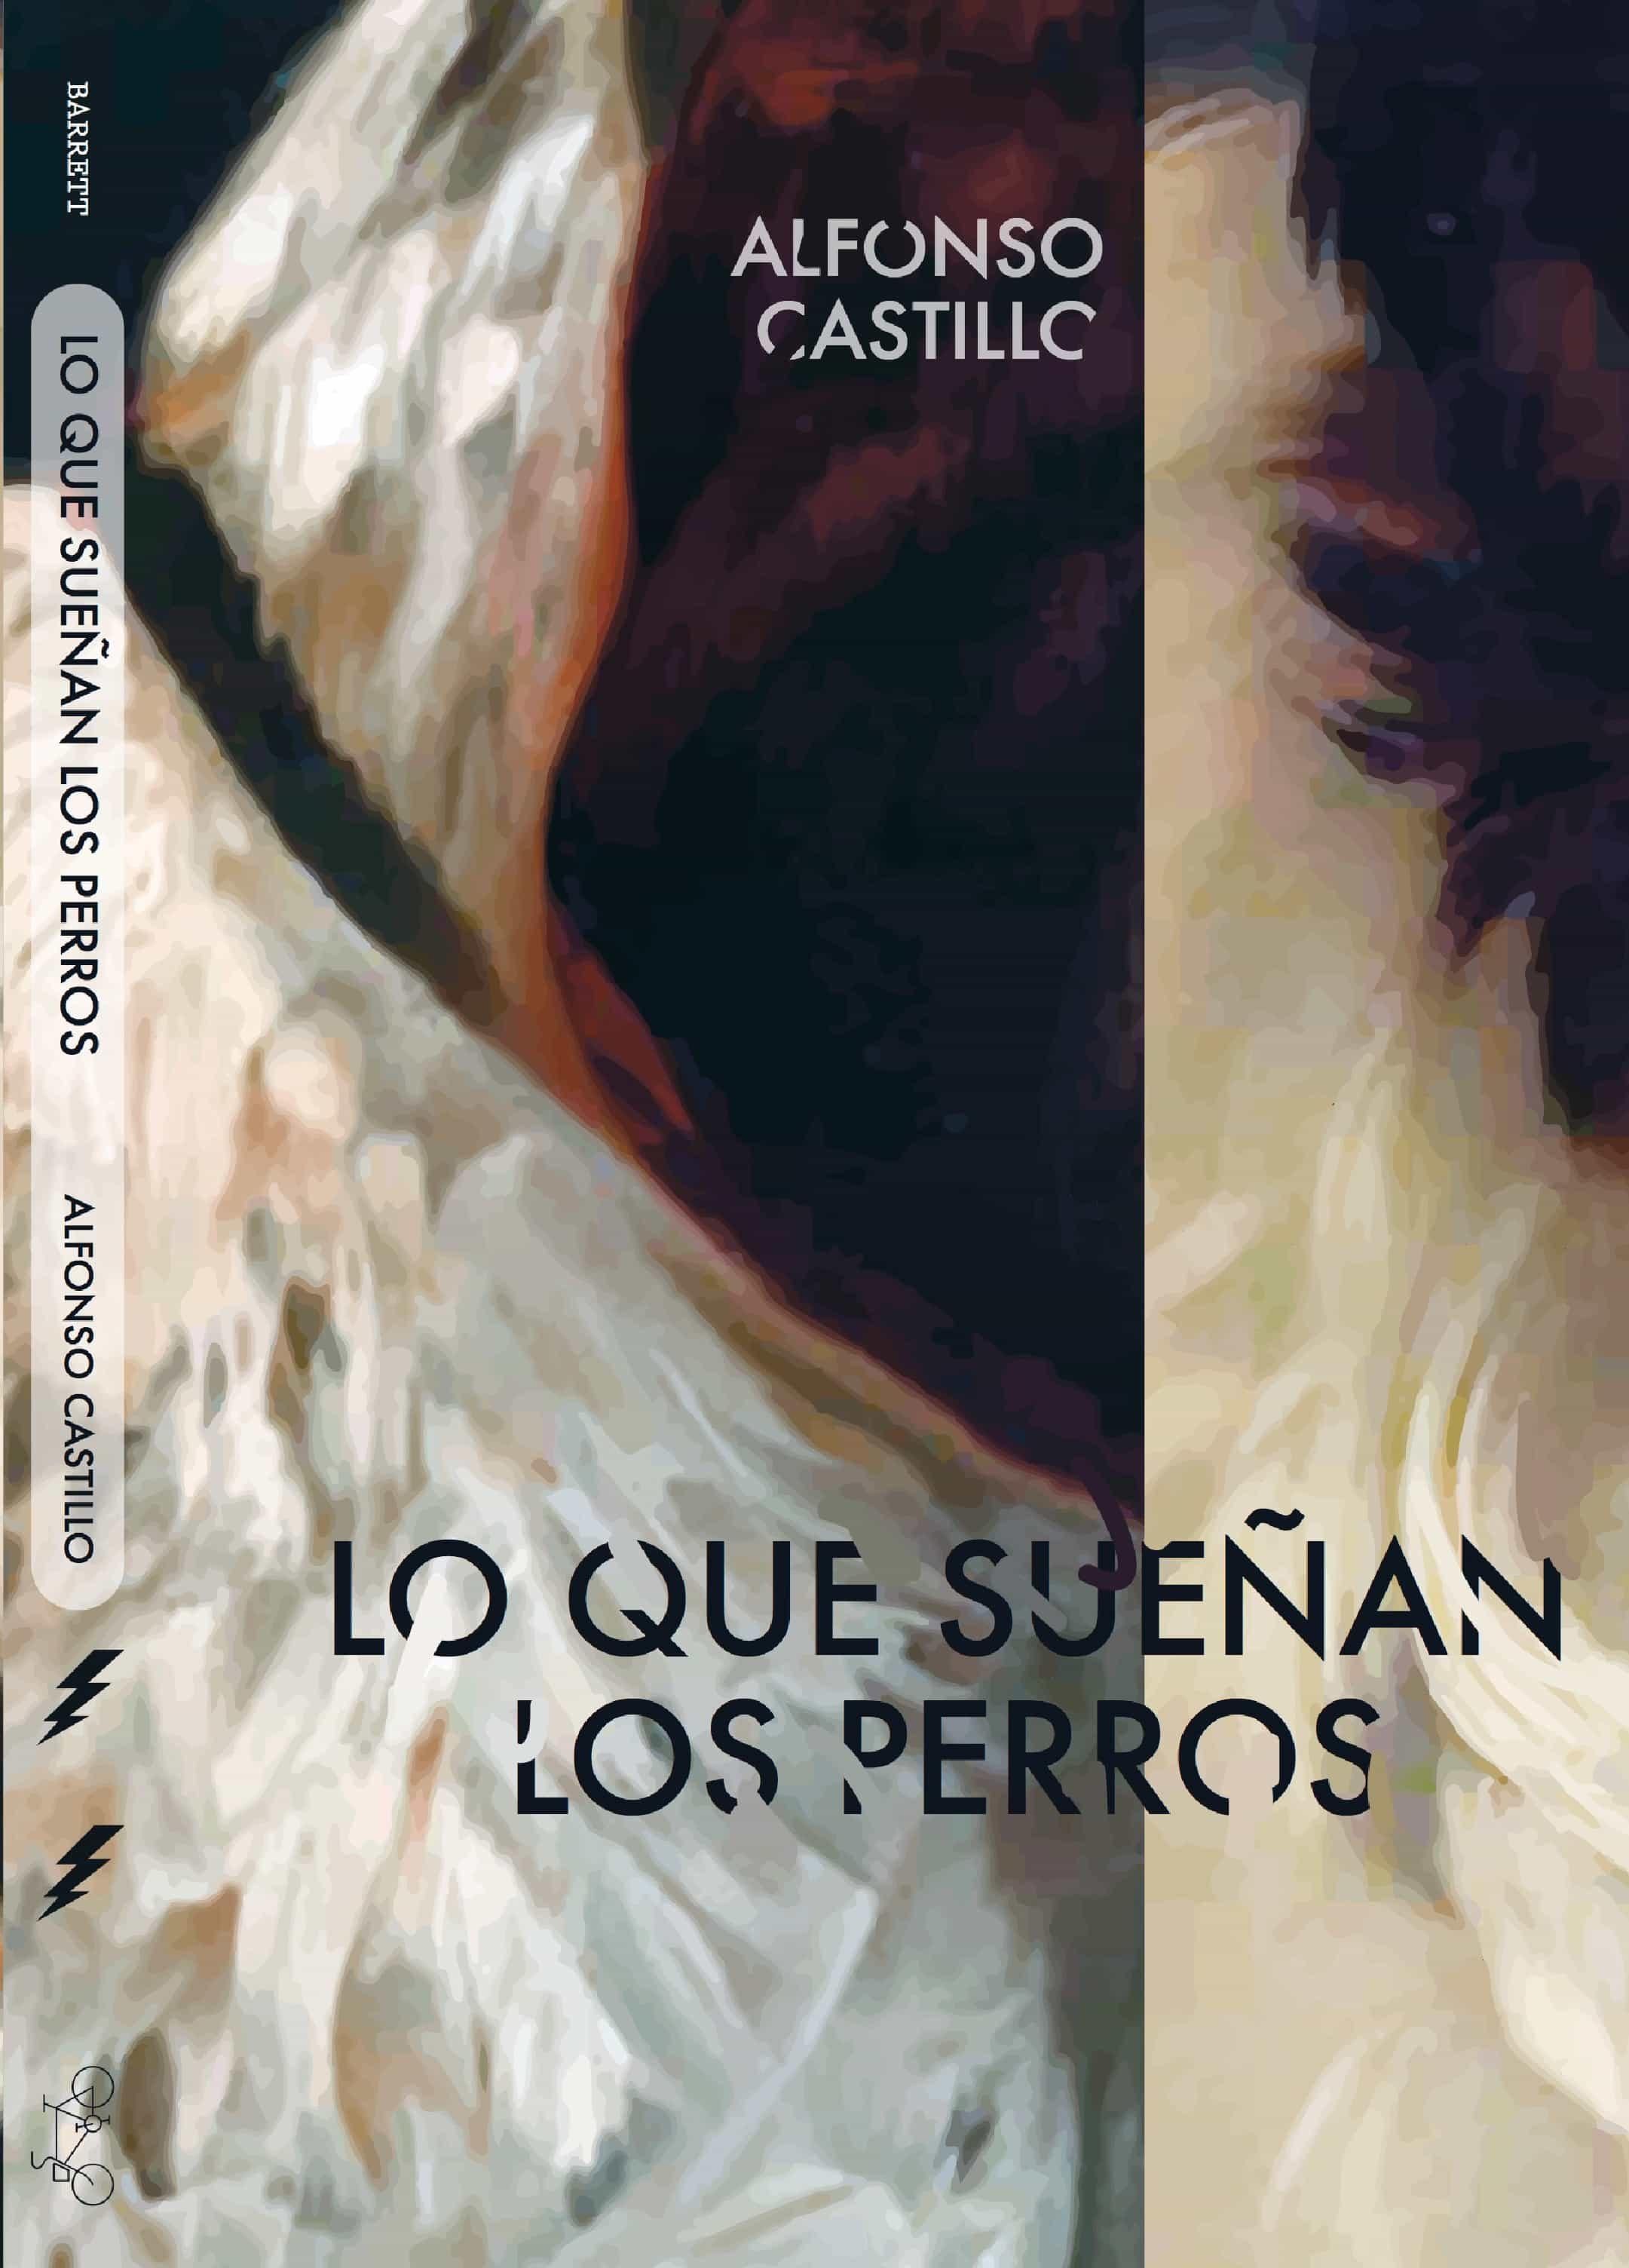 Lo que sueñan los perros, de Alfonso Castillo